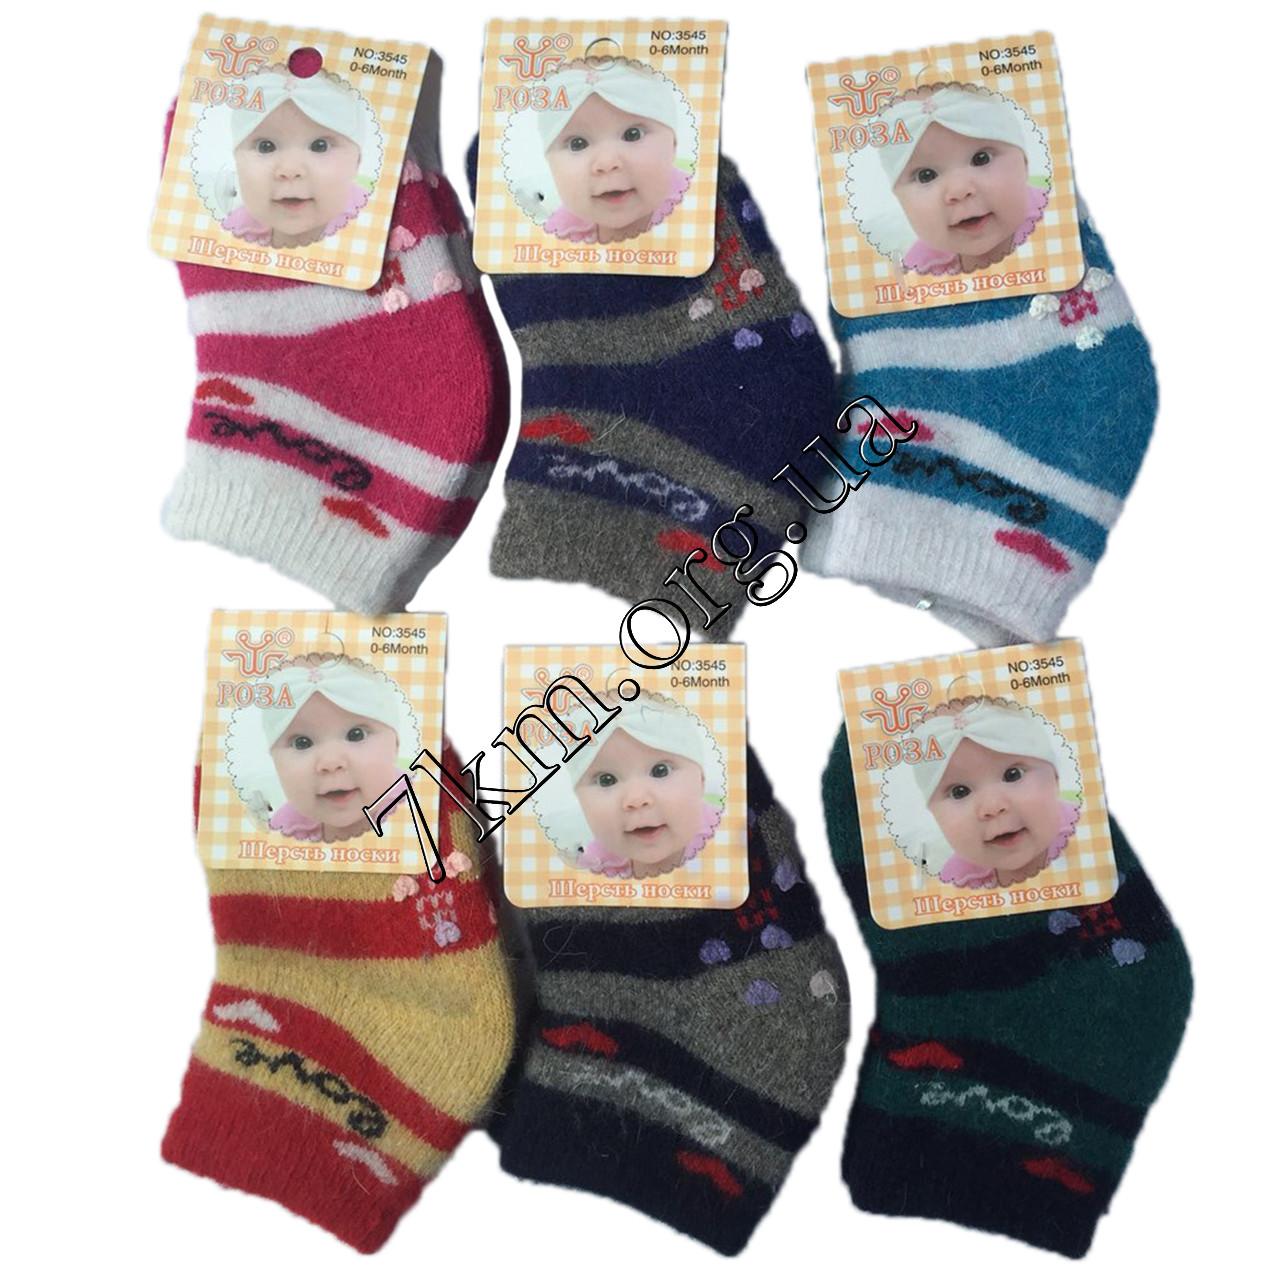 Носки детские Роза шерсть 0-6 месяца Оптом 3545